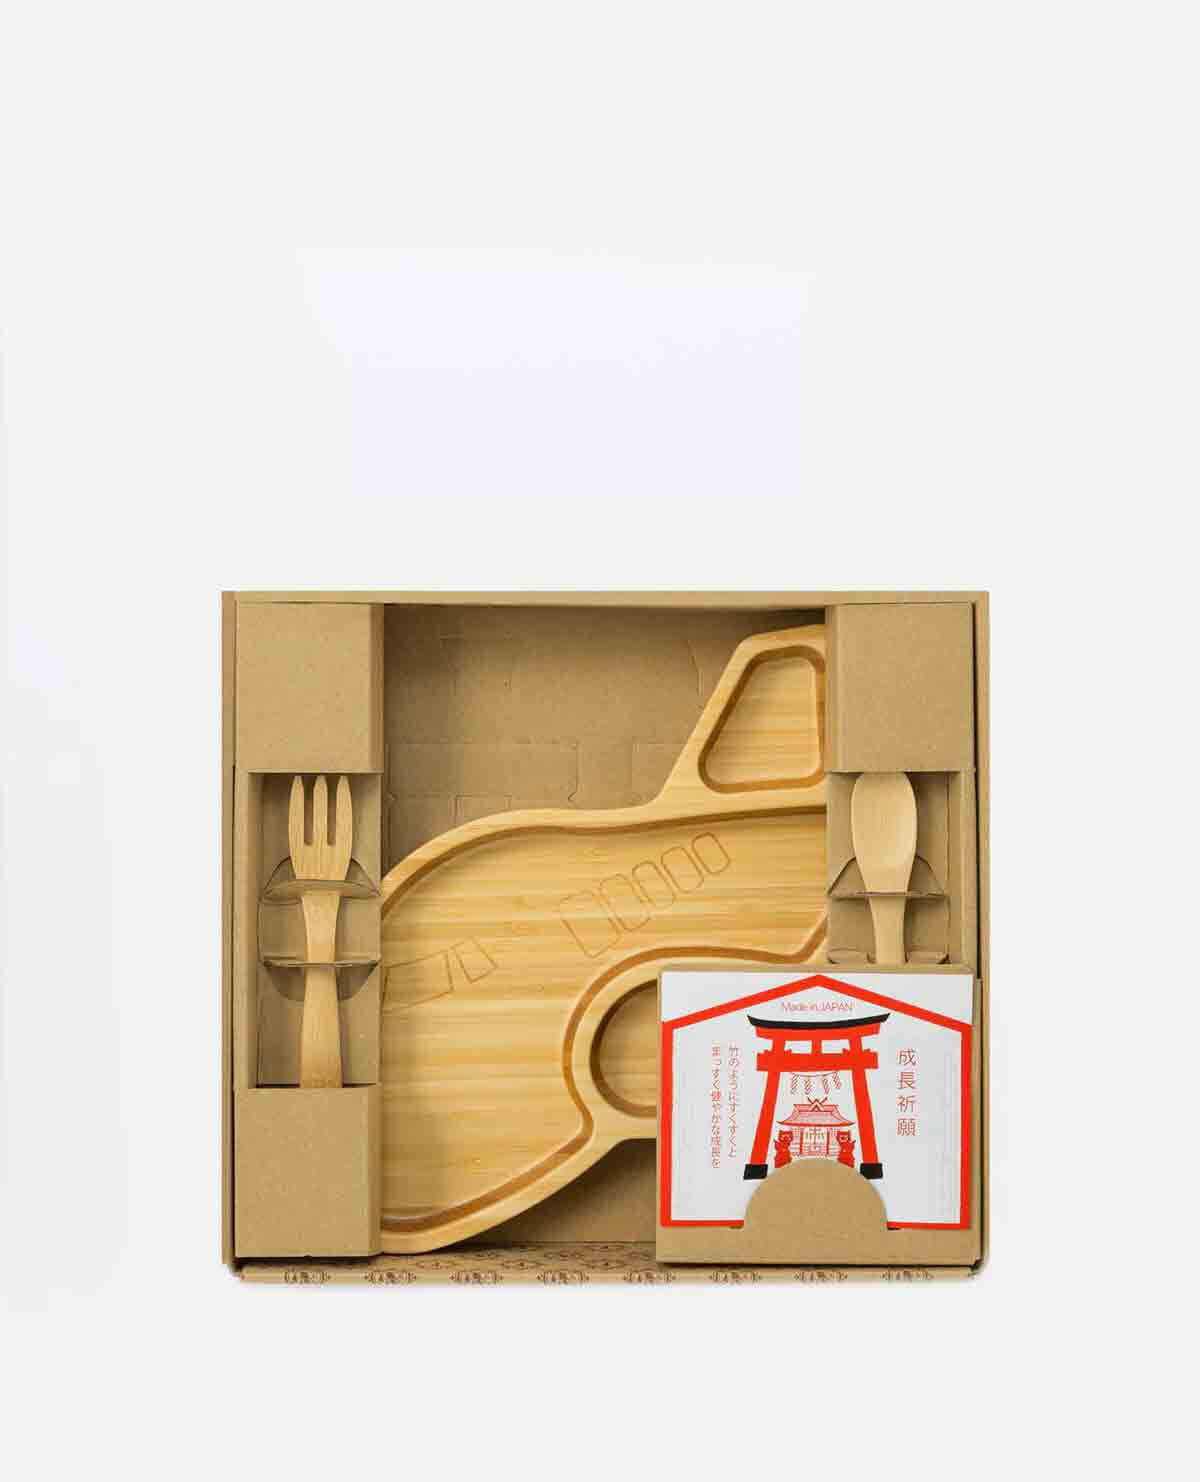 飛行機 プレート セット ベビー食器 木製 竹